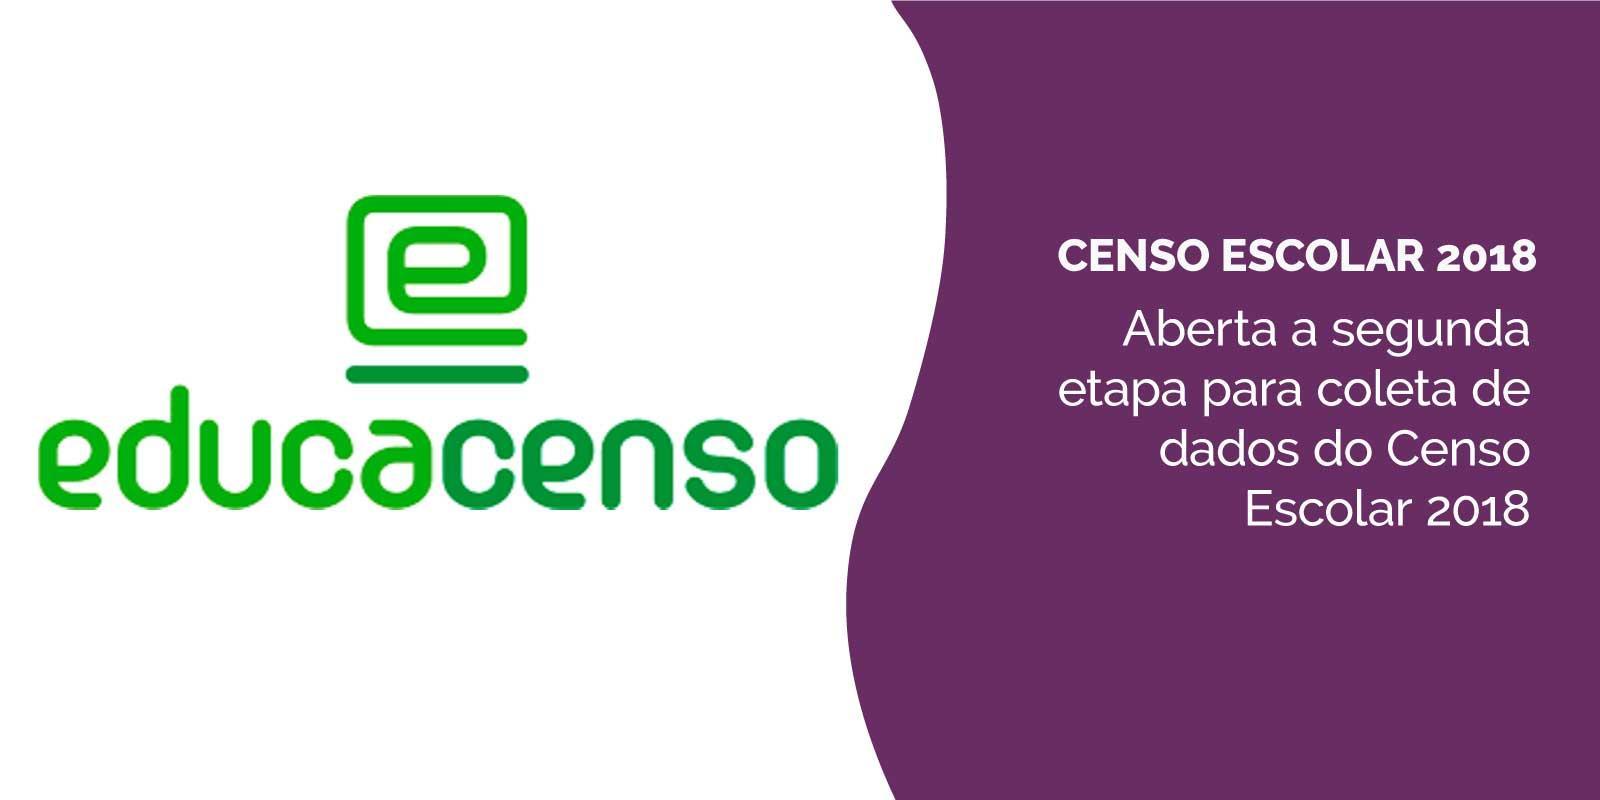 Aberta a segunda etapa para coleta de dados do Censo Escolar 2018